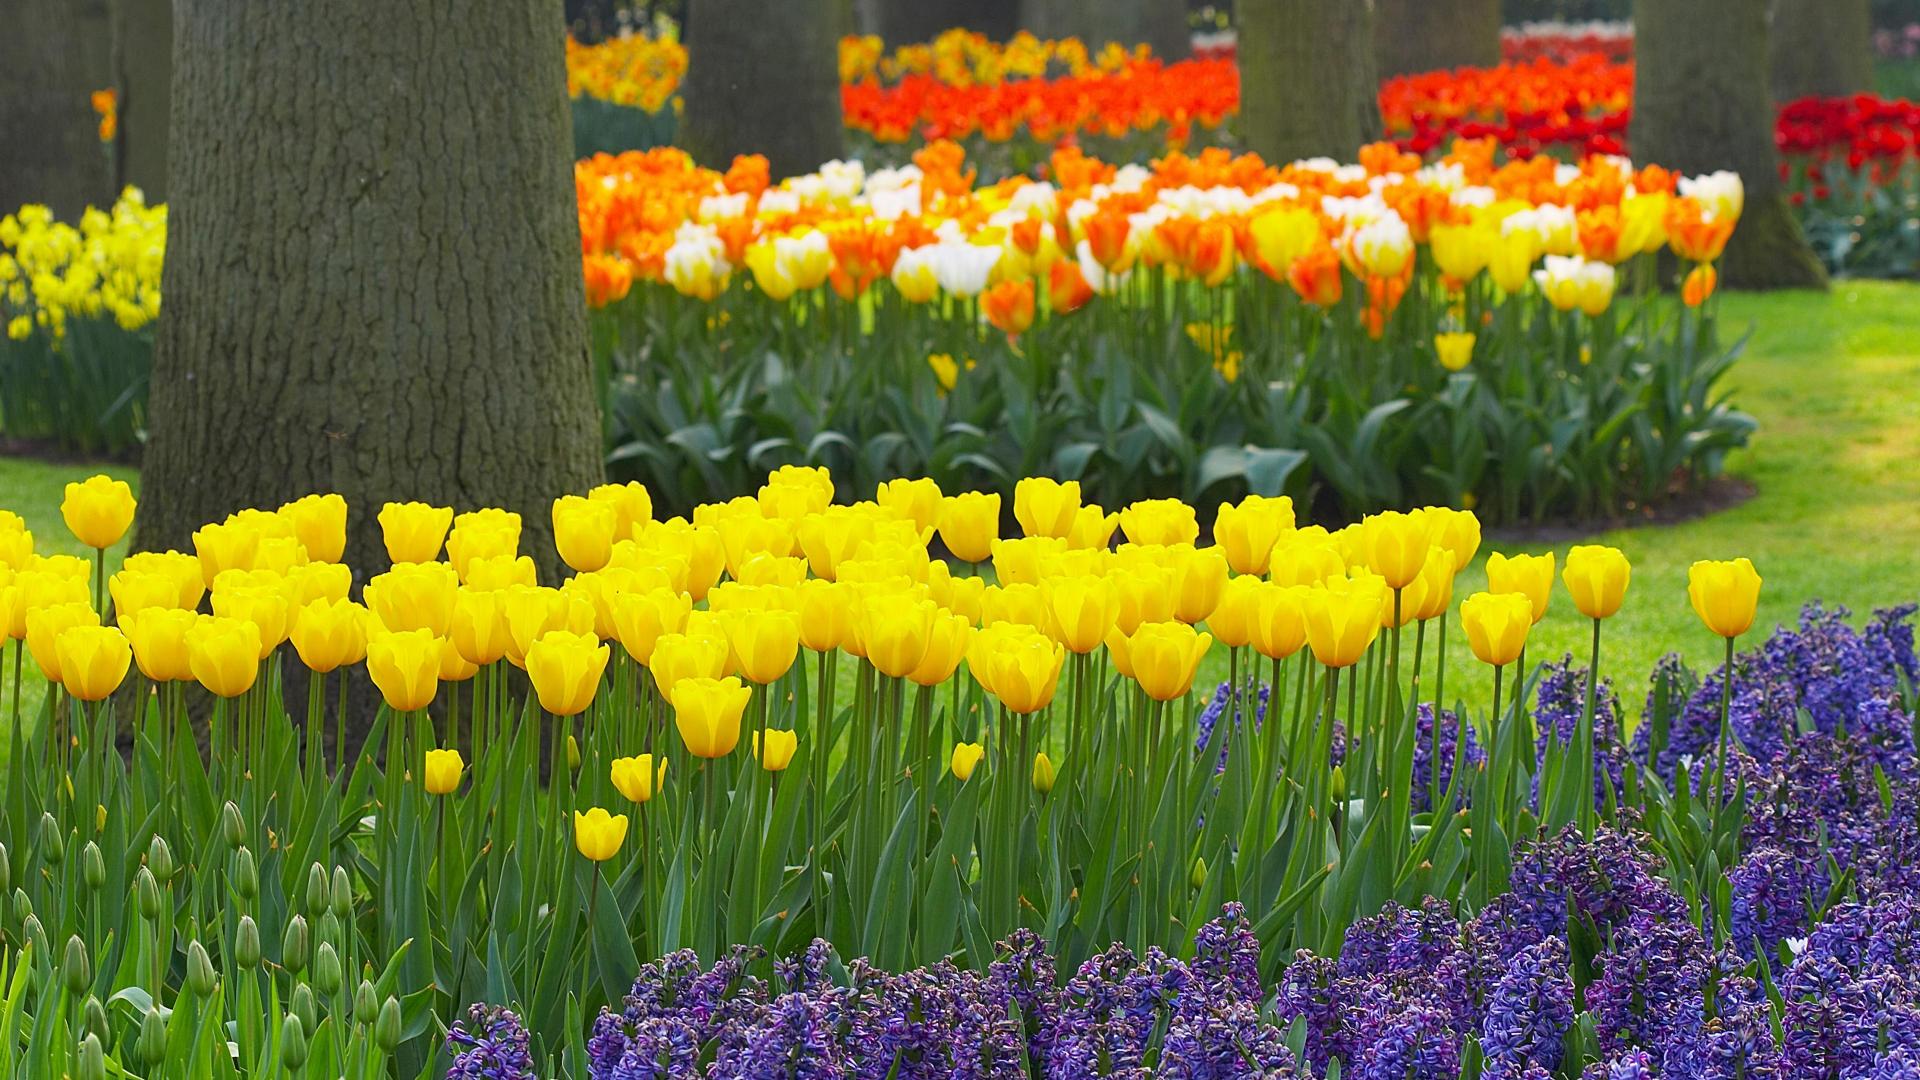 hd flower garden wallpaper